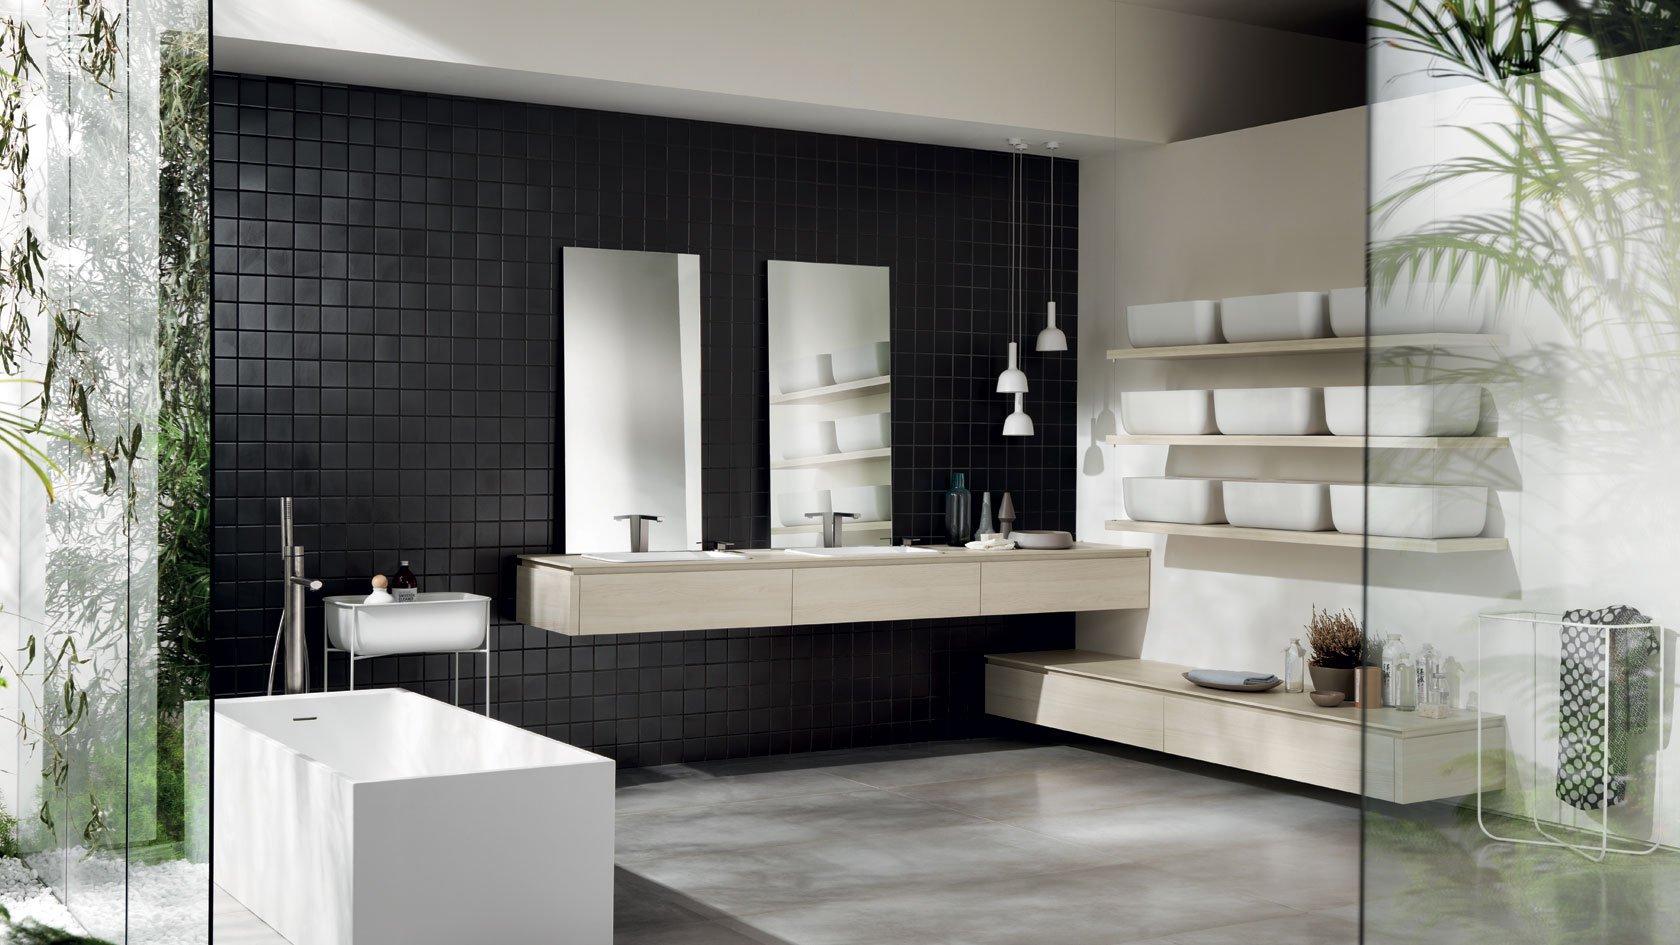 Mobili Da Bagno Scavolini : Arredo e mobili per il bagno bellizzi sa montella prisma arredo